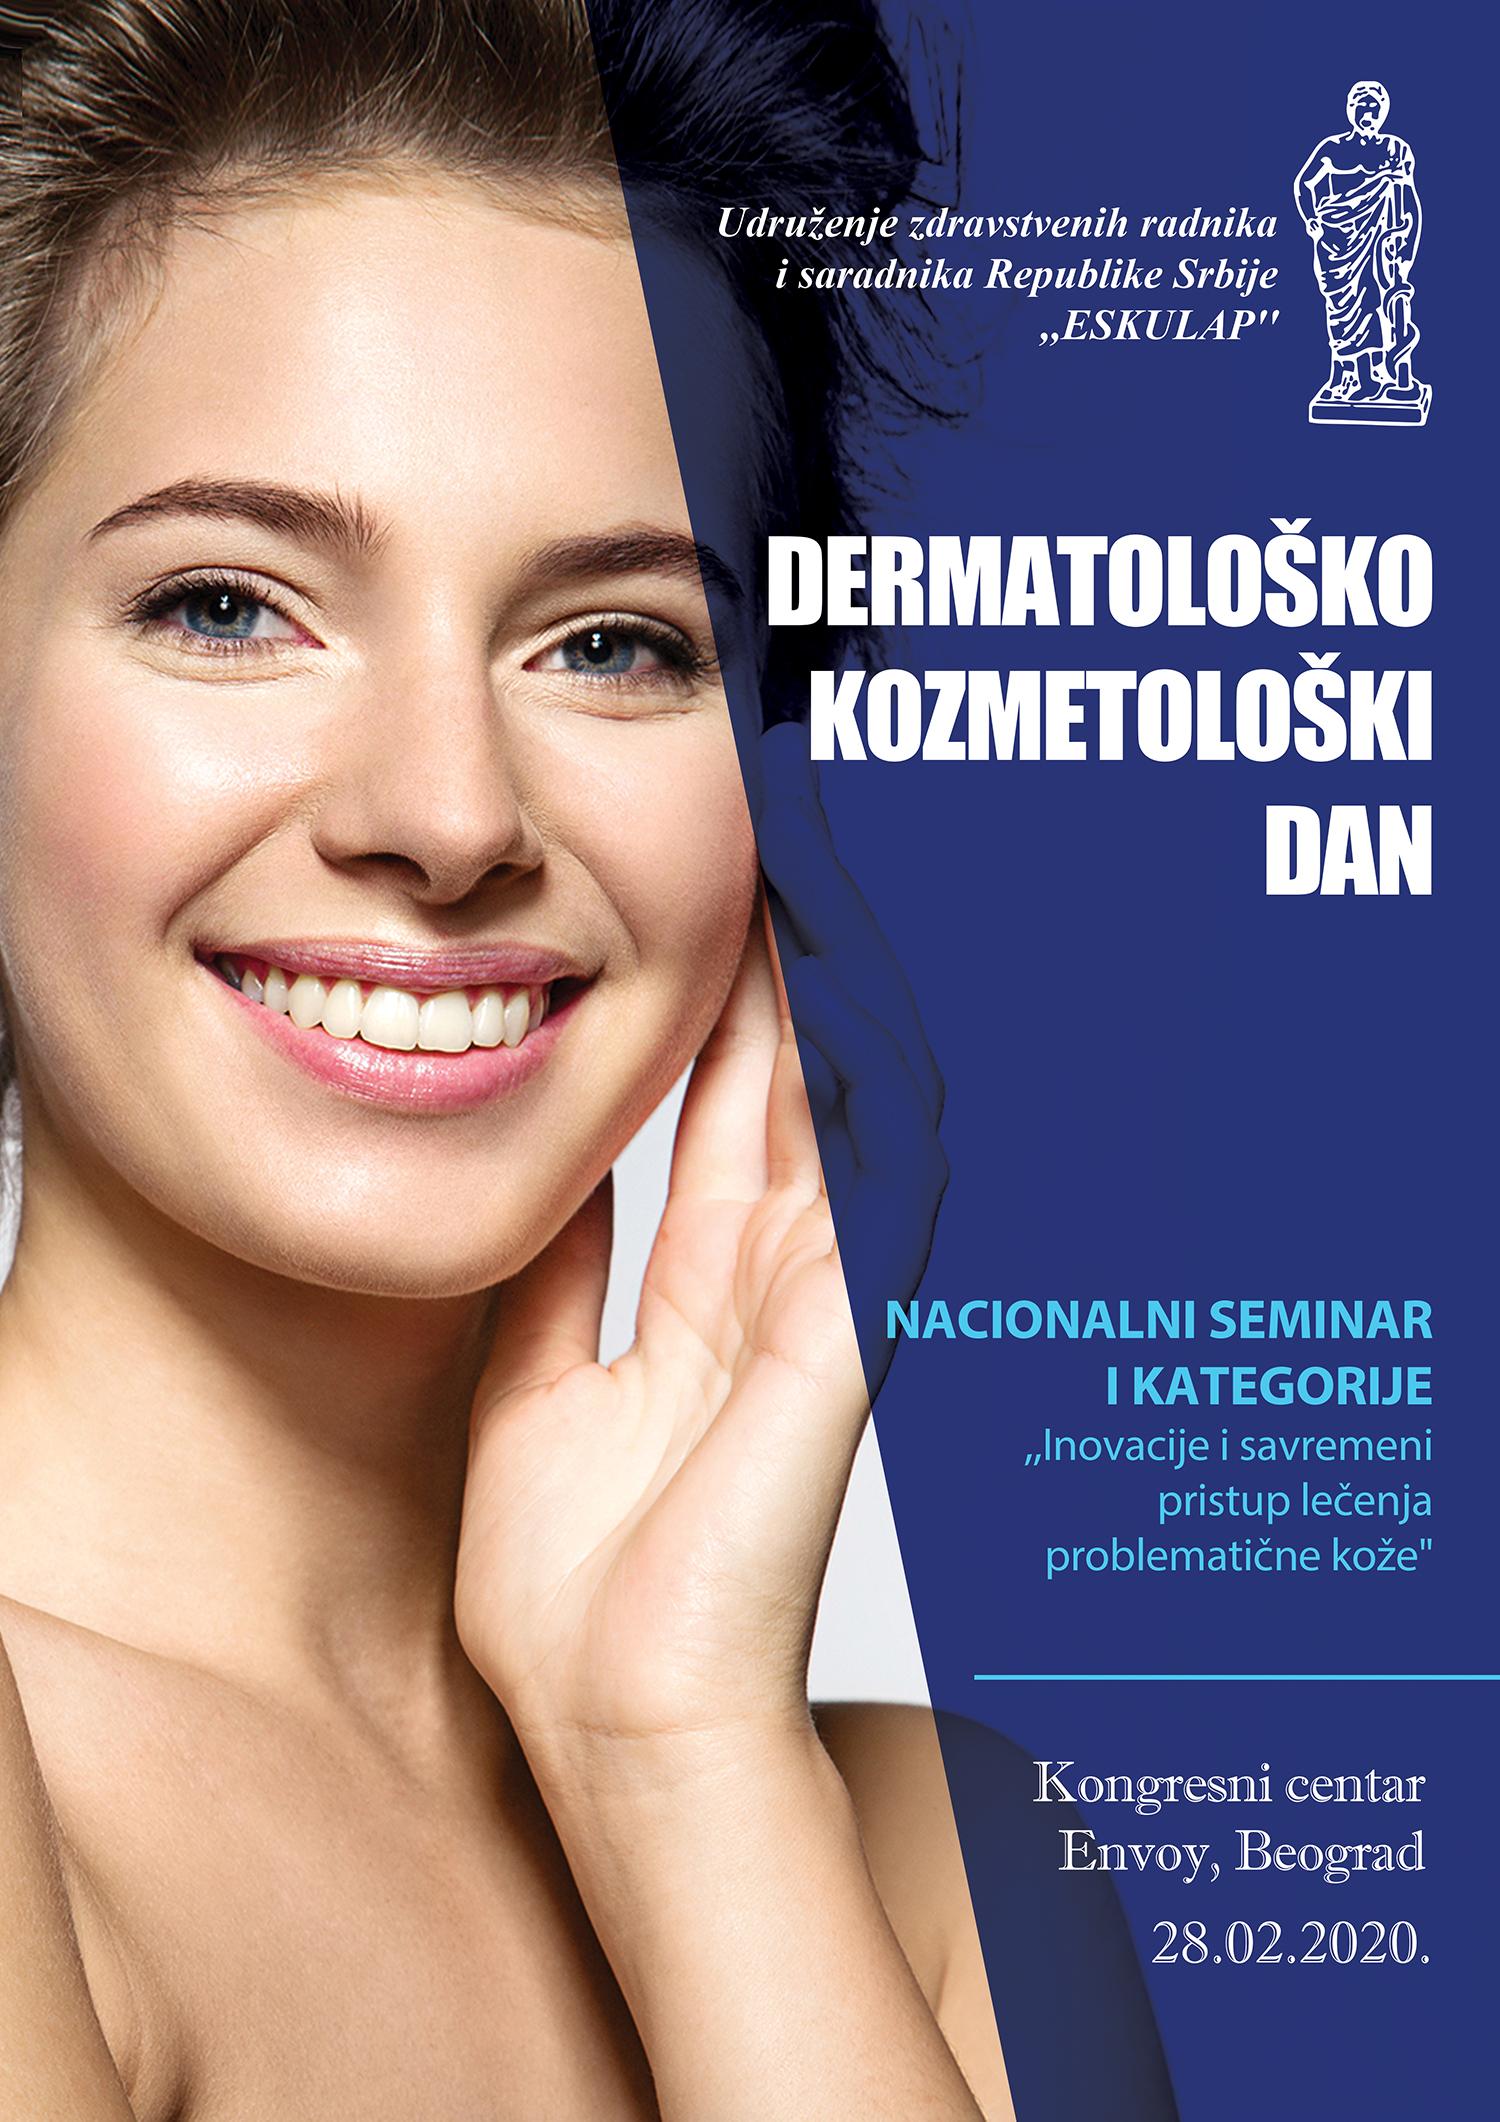 DERMATOLOŠKO KOZMETOLOŠKI DAN plakat